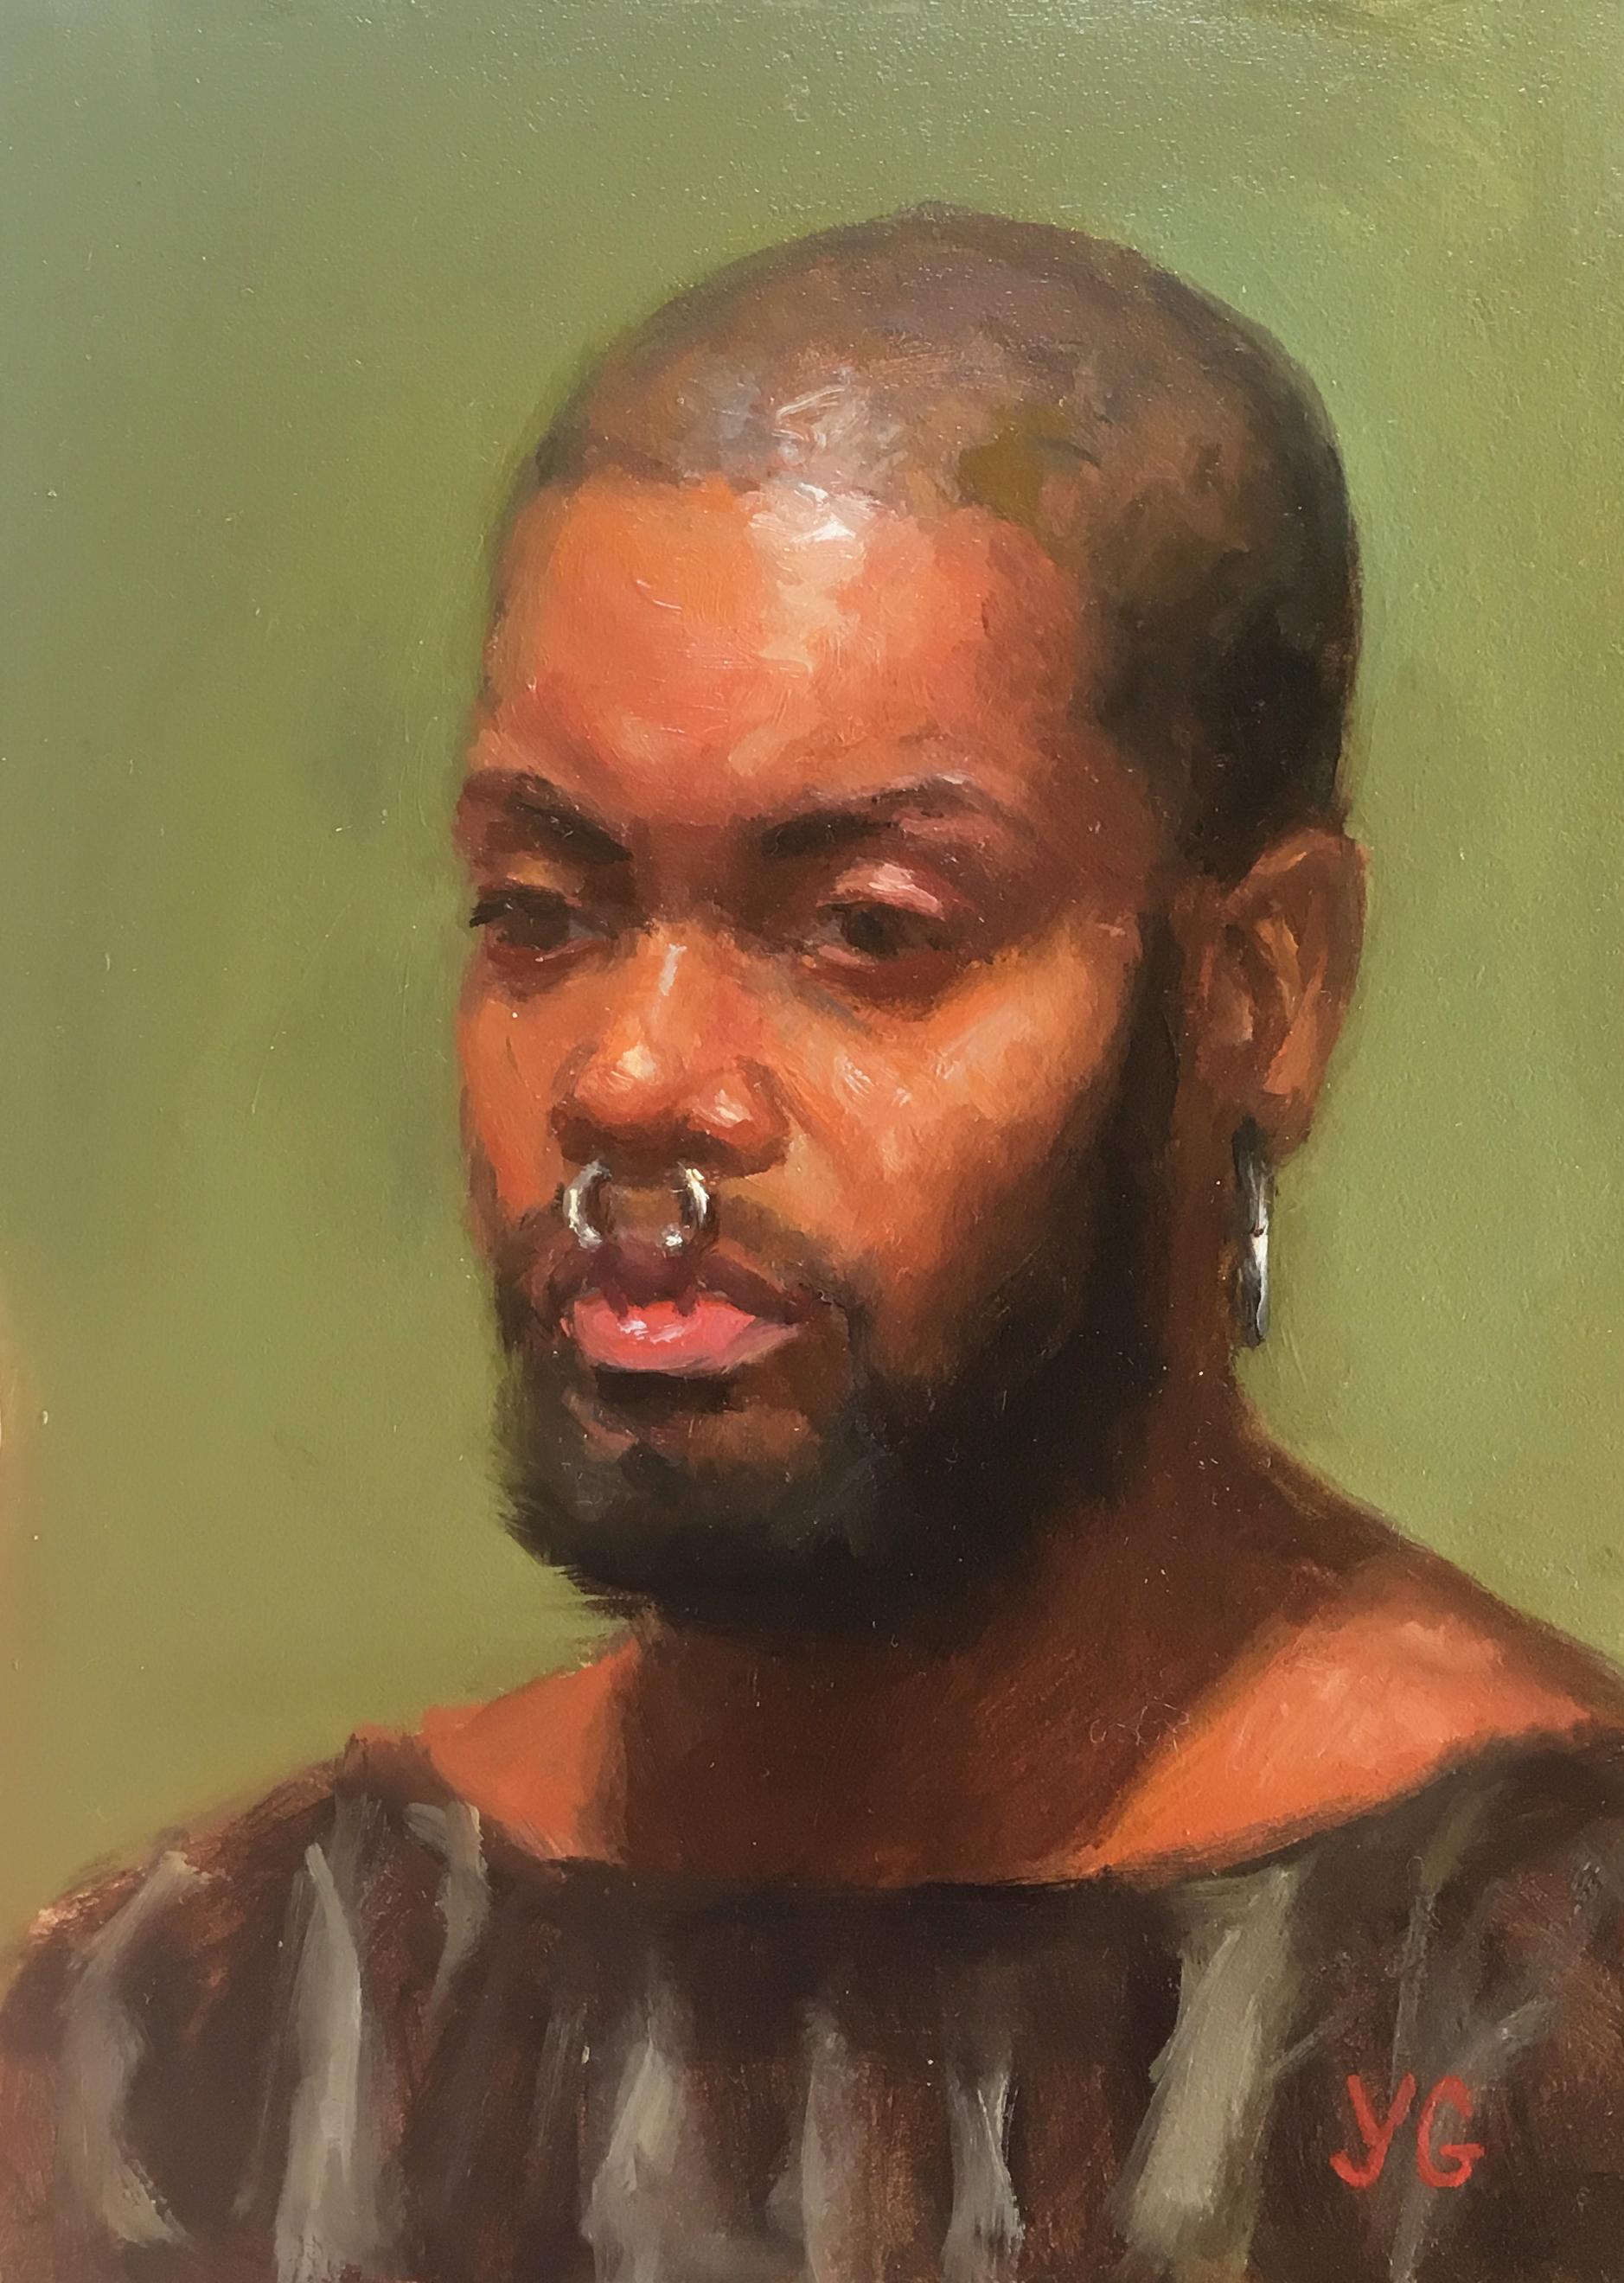 Man Portrait 5x7 Oil on board